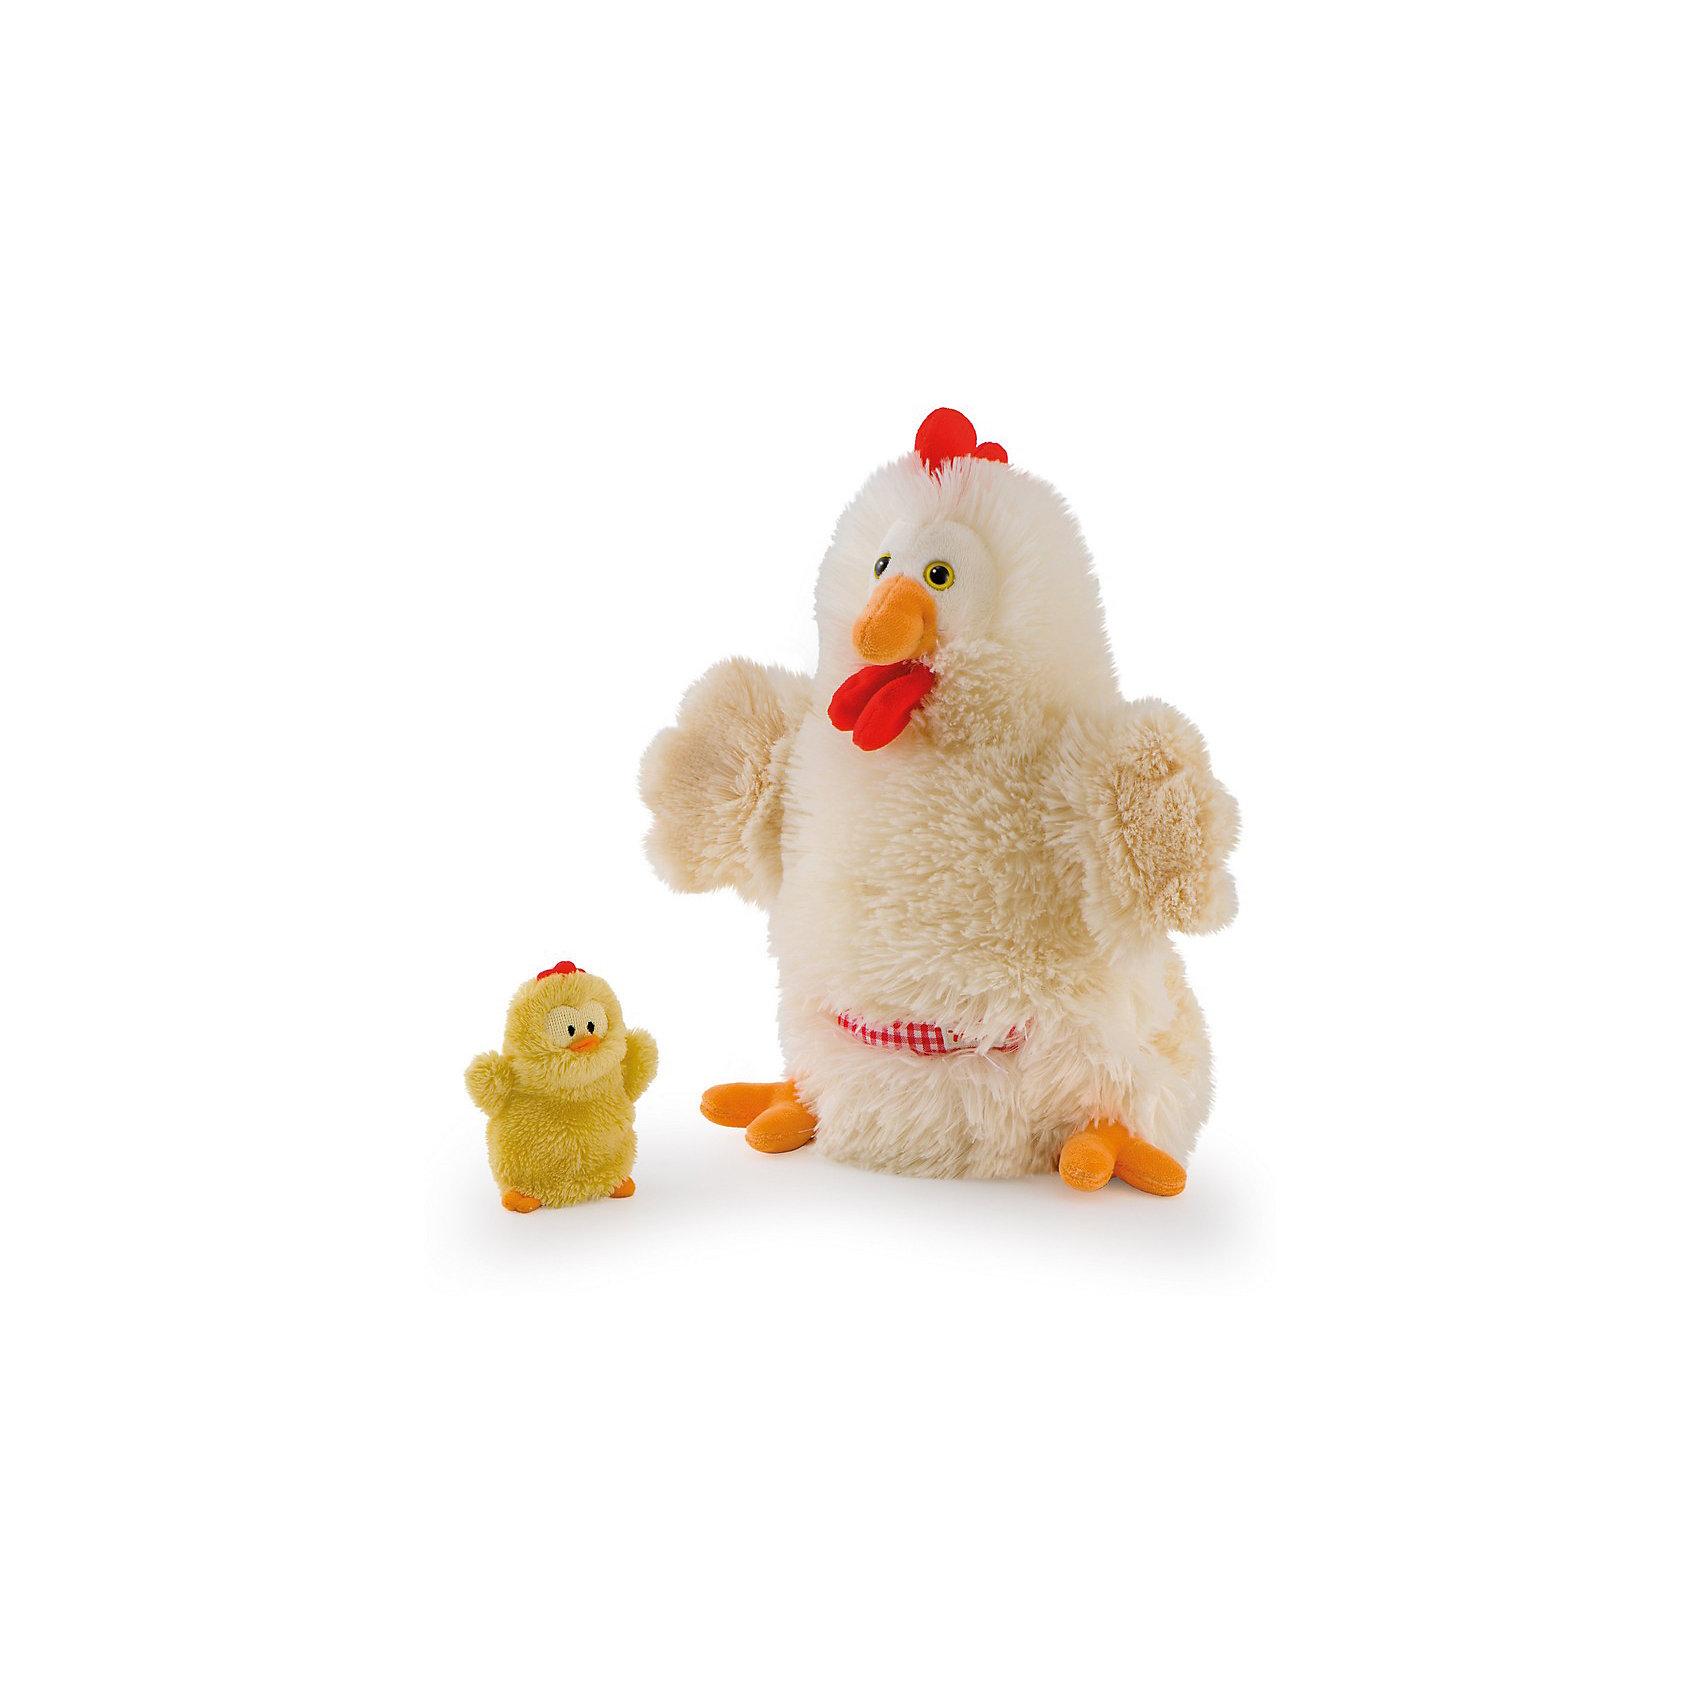 Мягкая игрушка на руку Курочка с цыпленком, 28 см, TrudiМягкие игрушки на руку<br>Очаровательная Курочка и ее не менее очаровательный малыш-цыпленок приведут в восторг любого ребенка. Курочка надевается на руку: вы сможете разыграть с детьми маленький спектакль, а уже подросшие ребята смогут играть с забавными игрушками самостоятельно. Мягкие игрушки Trudi изготовлены только из высококачественных экологичных материалов абсолютно безопасных для детей. Благодаря тщательной проработке всех деталей курочка выглядит очень реалистично, что, несомненно, порадует ребенка. Прекрасный подарок на любой праздник! <br><br>Дополнительная информация:<br><br>- Материал: плюш, пластик, текстиль, искусственный мех. <br>- Высота: 28 см. <br>- Допускается машинная стирка при деликатной режиме (30 ?).<br><br>Мягкую игрушку на руку, Курочку с цыпленком, 28 см, Trudi (Труди), можно купить в нашем магазине.<br><br>Ширина мм: 100<br>Глубина мм: 280<br>Высота мм: 280<br>Вес г: 160<br>Возраст от месяцев: 12<br>Возраст до месяцев: 2147483647<br>Пол: Унисекс<br>Возраст: Детский<br>SKU: 5055259